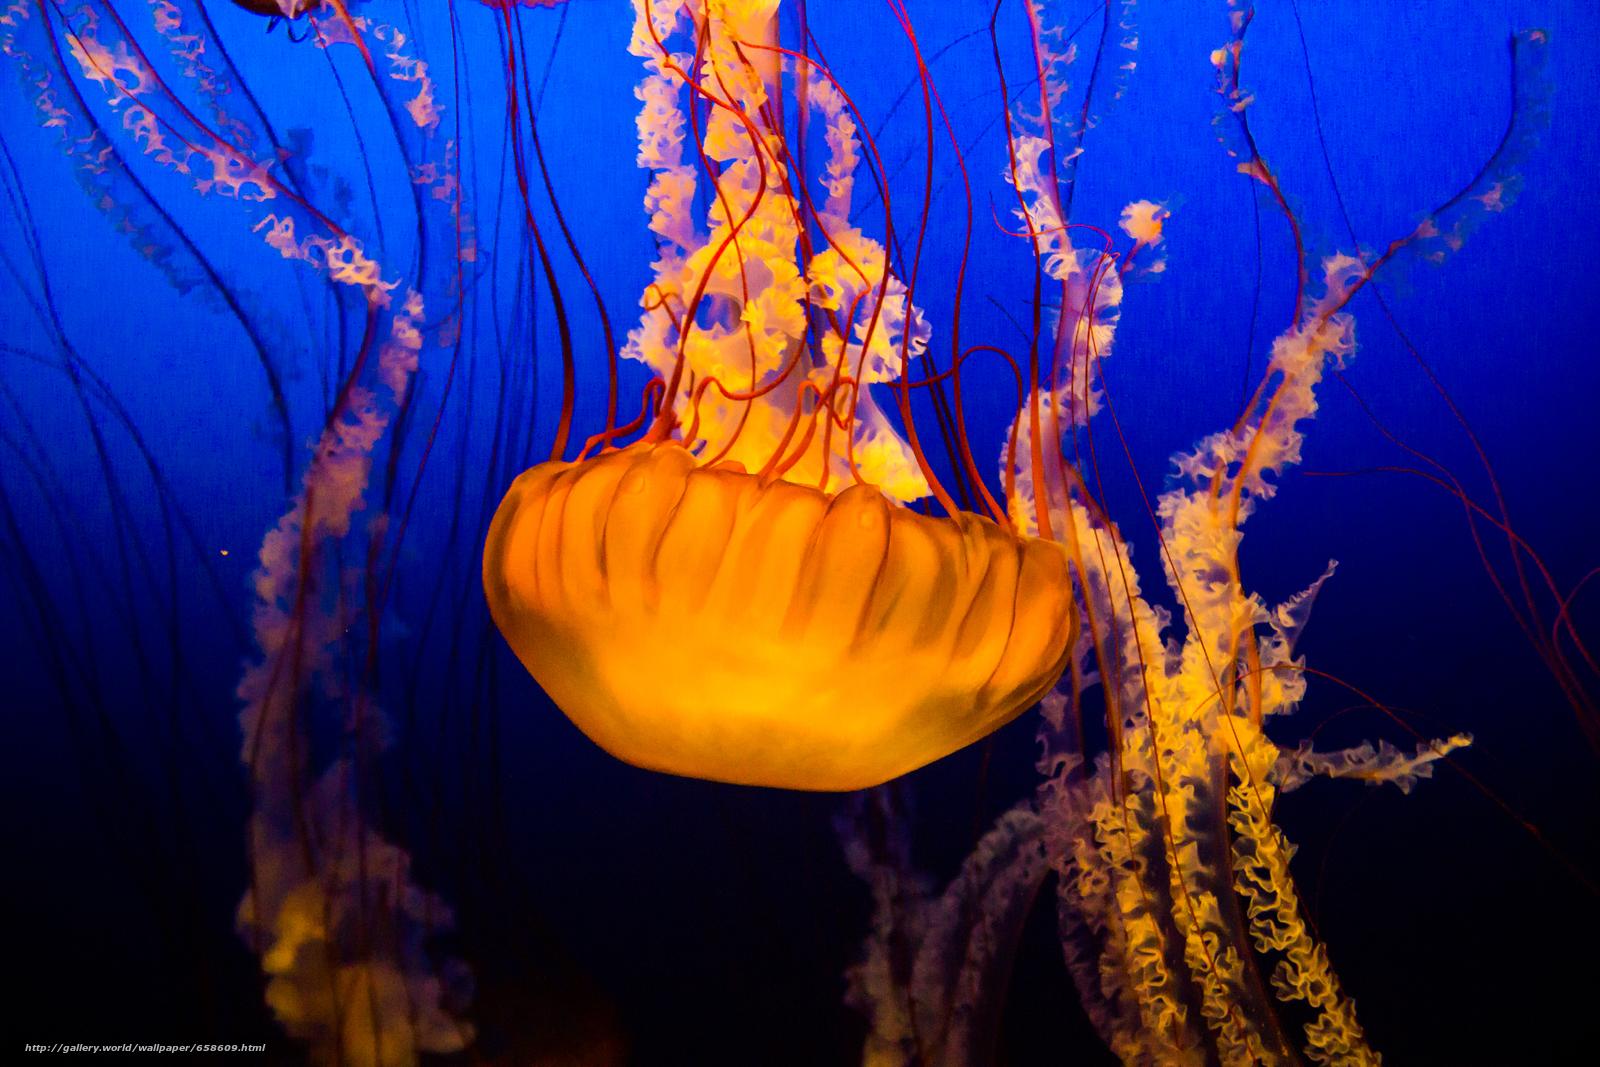 Tlcharger Fond d'ecran méduses,  Jellyfish,  Monde sous-marin,  eau Fonds d'ecran gratuits pour votre rsolution du bureau 5184x3456 — image №658609